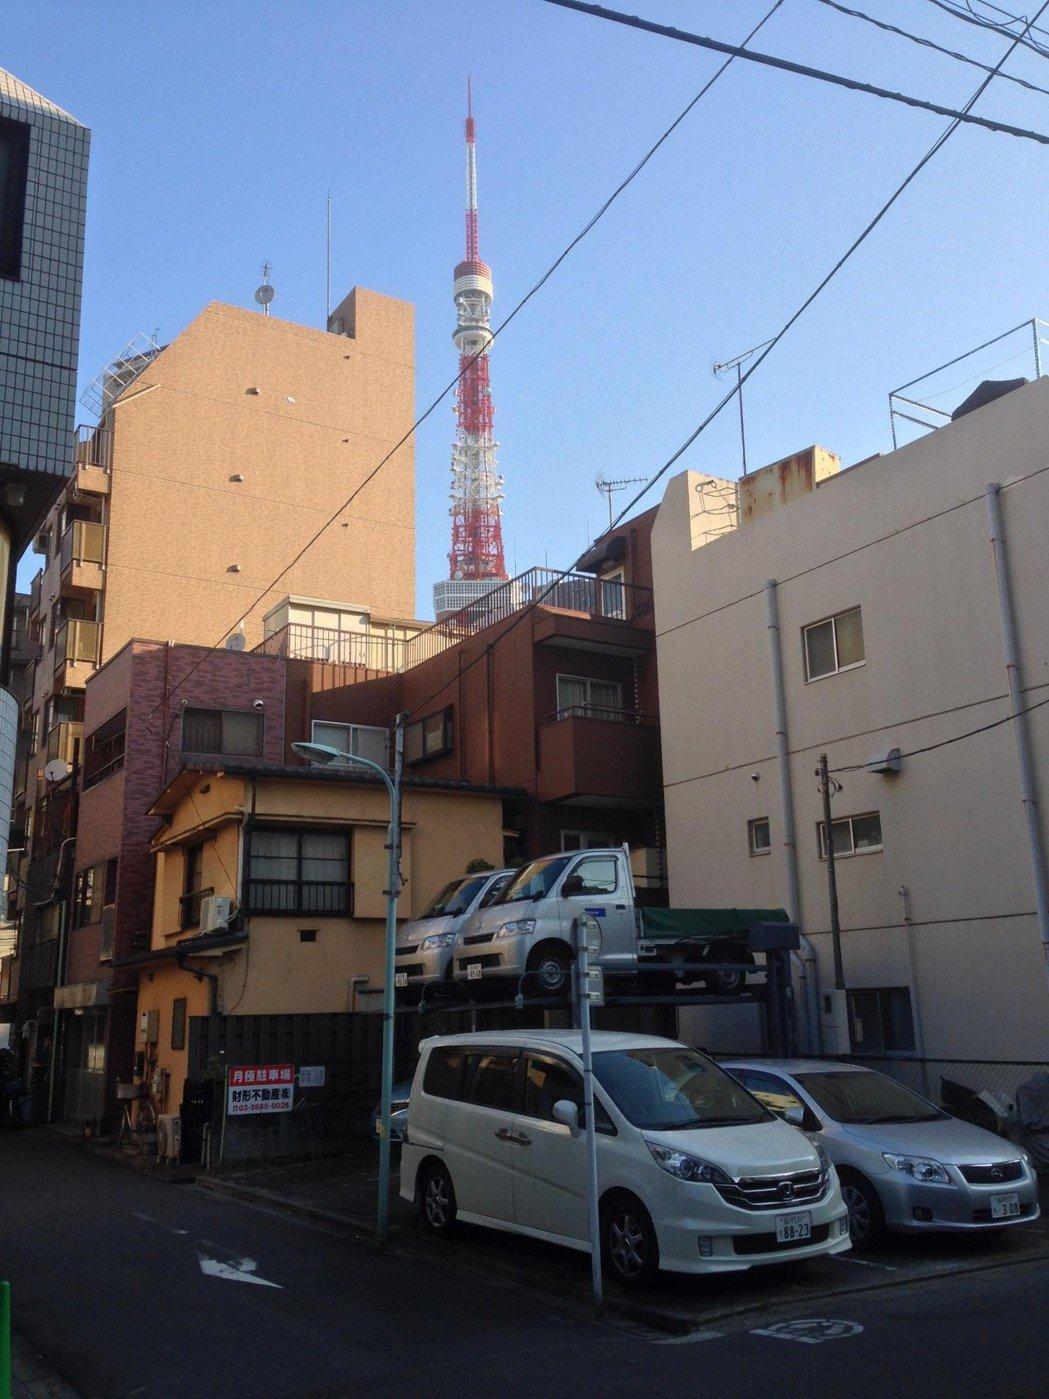 為因應城市裡逐年增加的車輛,東京各社區有私人所設的平面或立體停車場。 圖/作者自攝